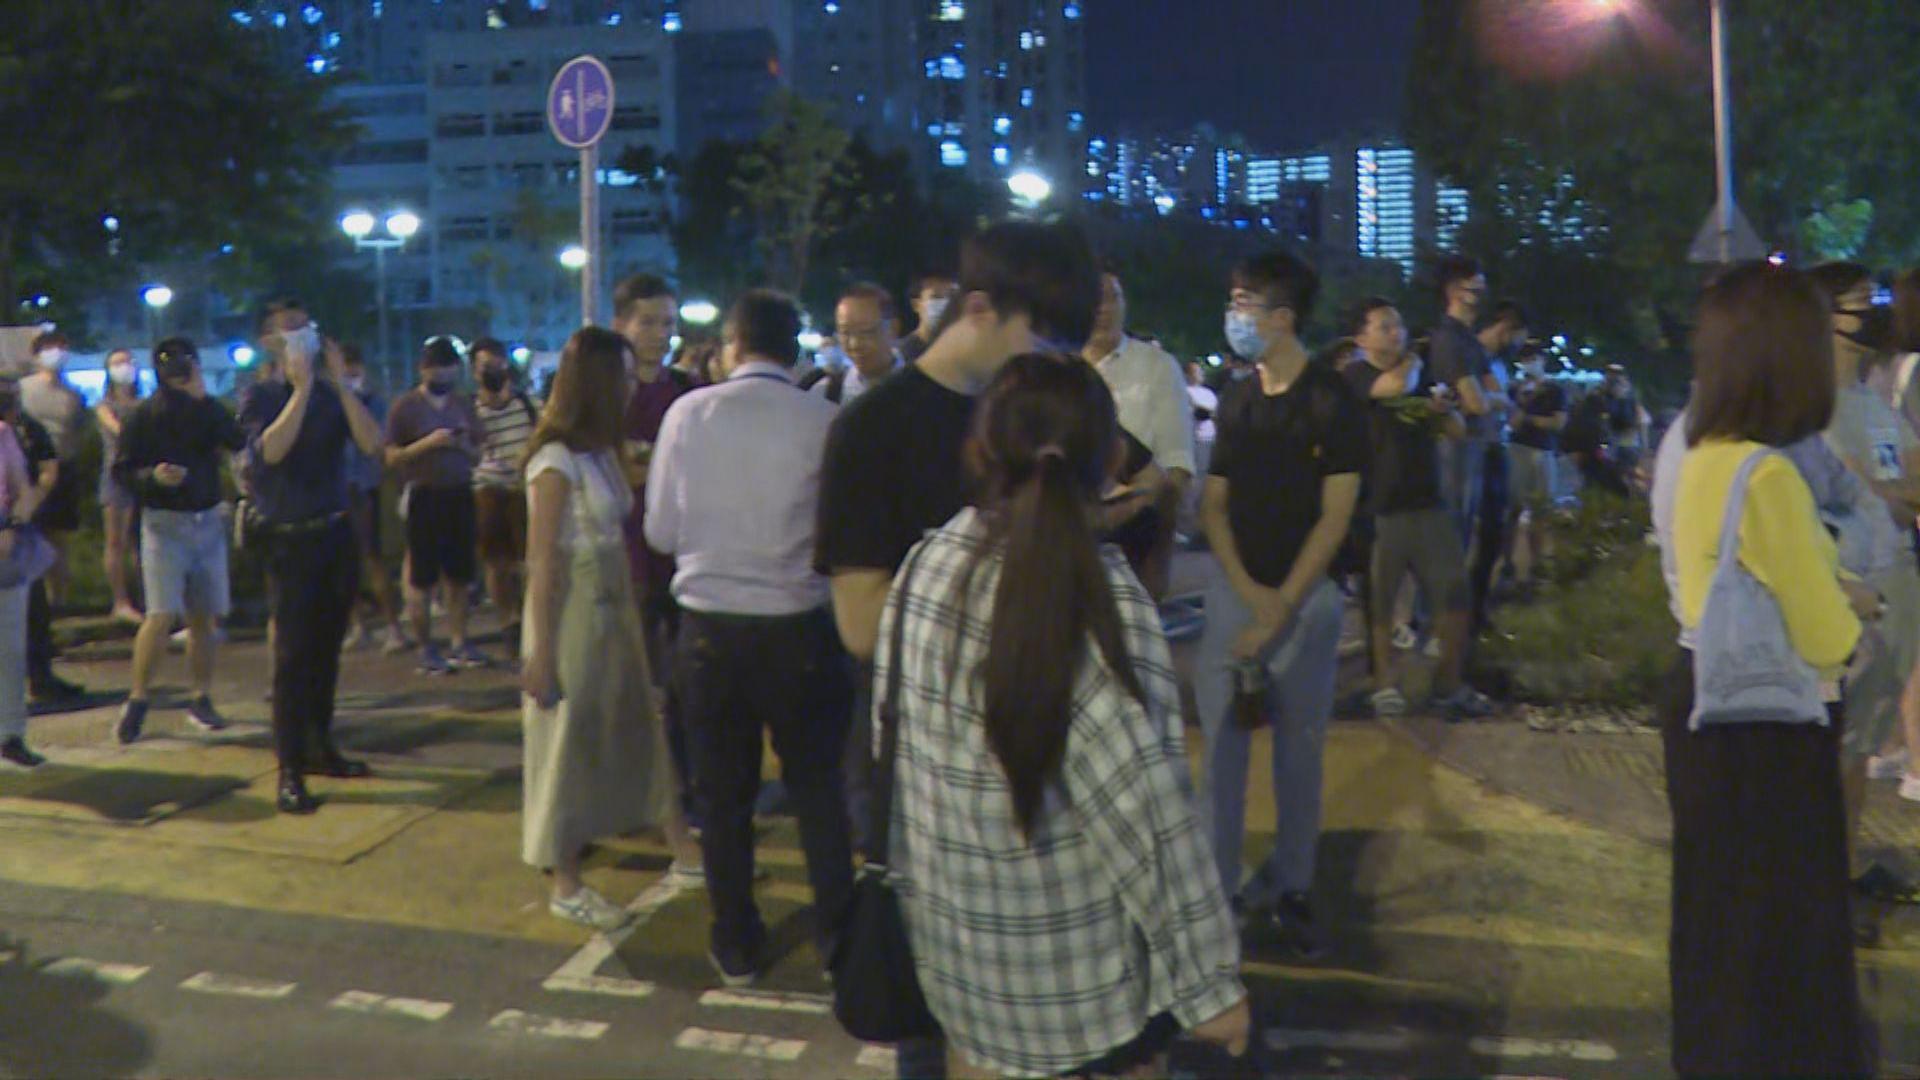 過百人馬鞍山警署外聲援被捕保安 防暴警出動驅散